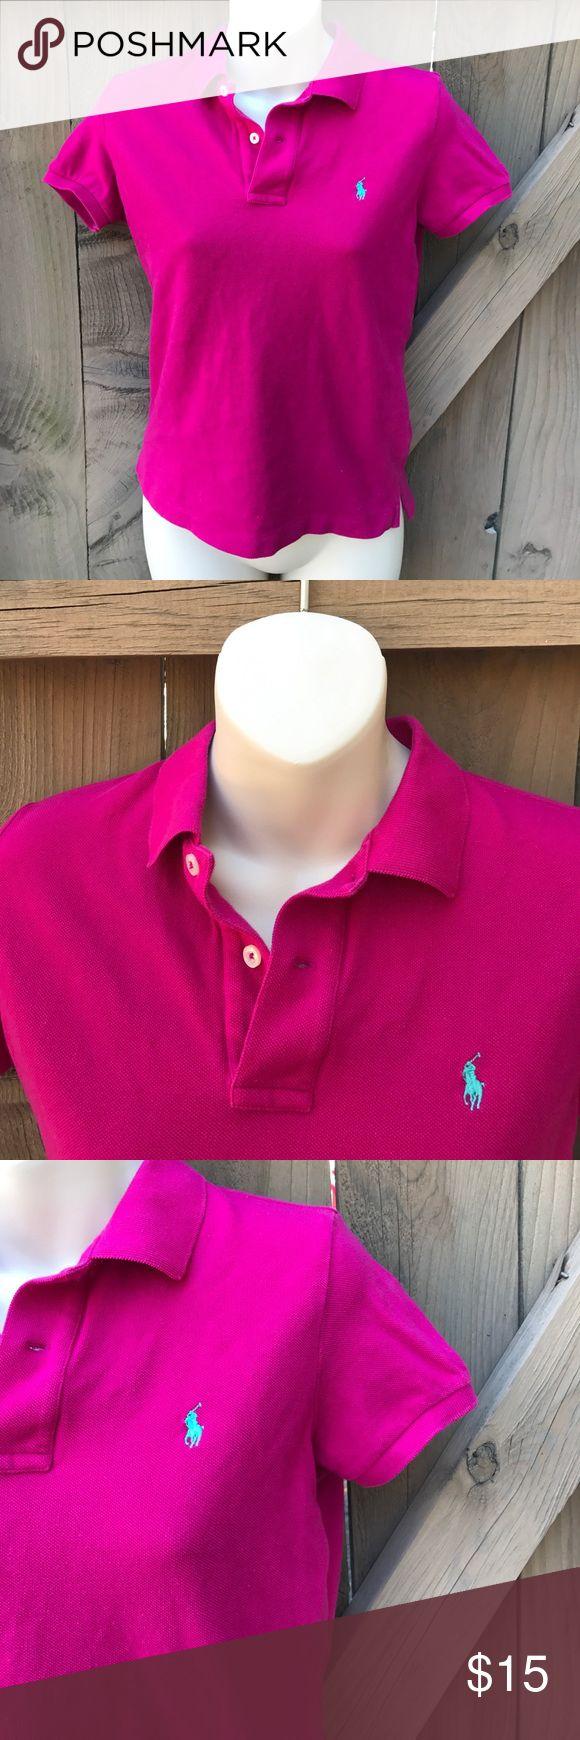 Size M Ralph Lauren hot pink skinny polo shirt Size M Ralph Lauren hot pink skinny polo shirt Ralph Lauren Tops